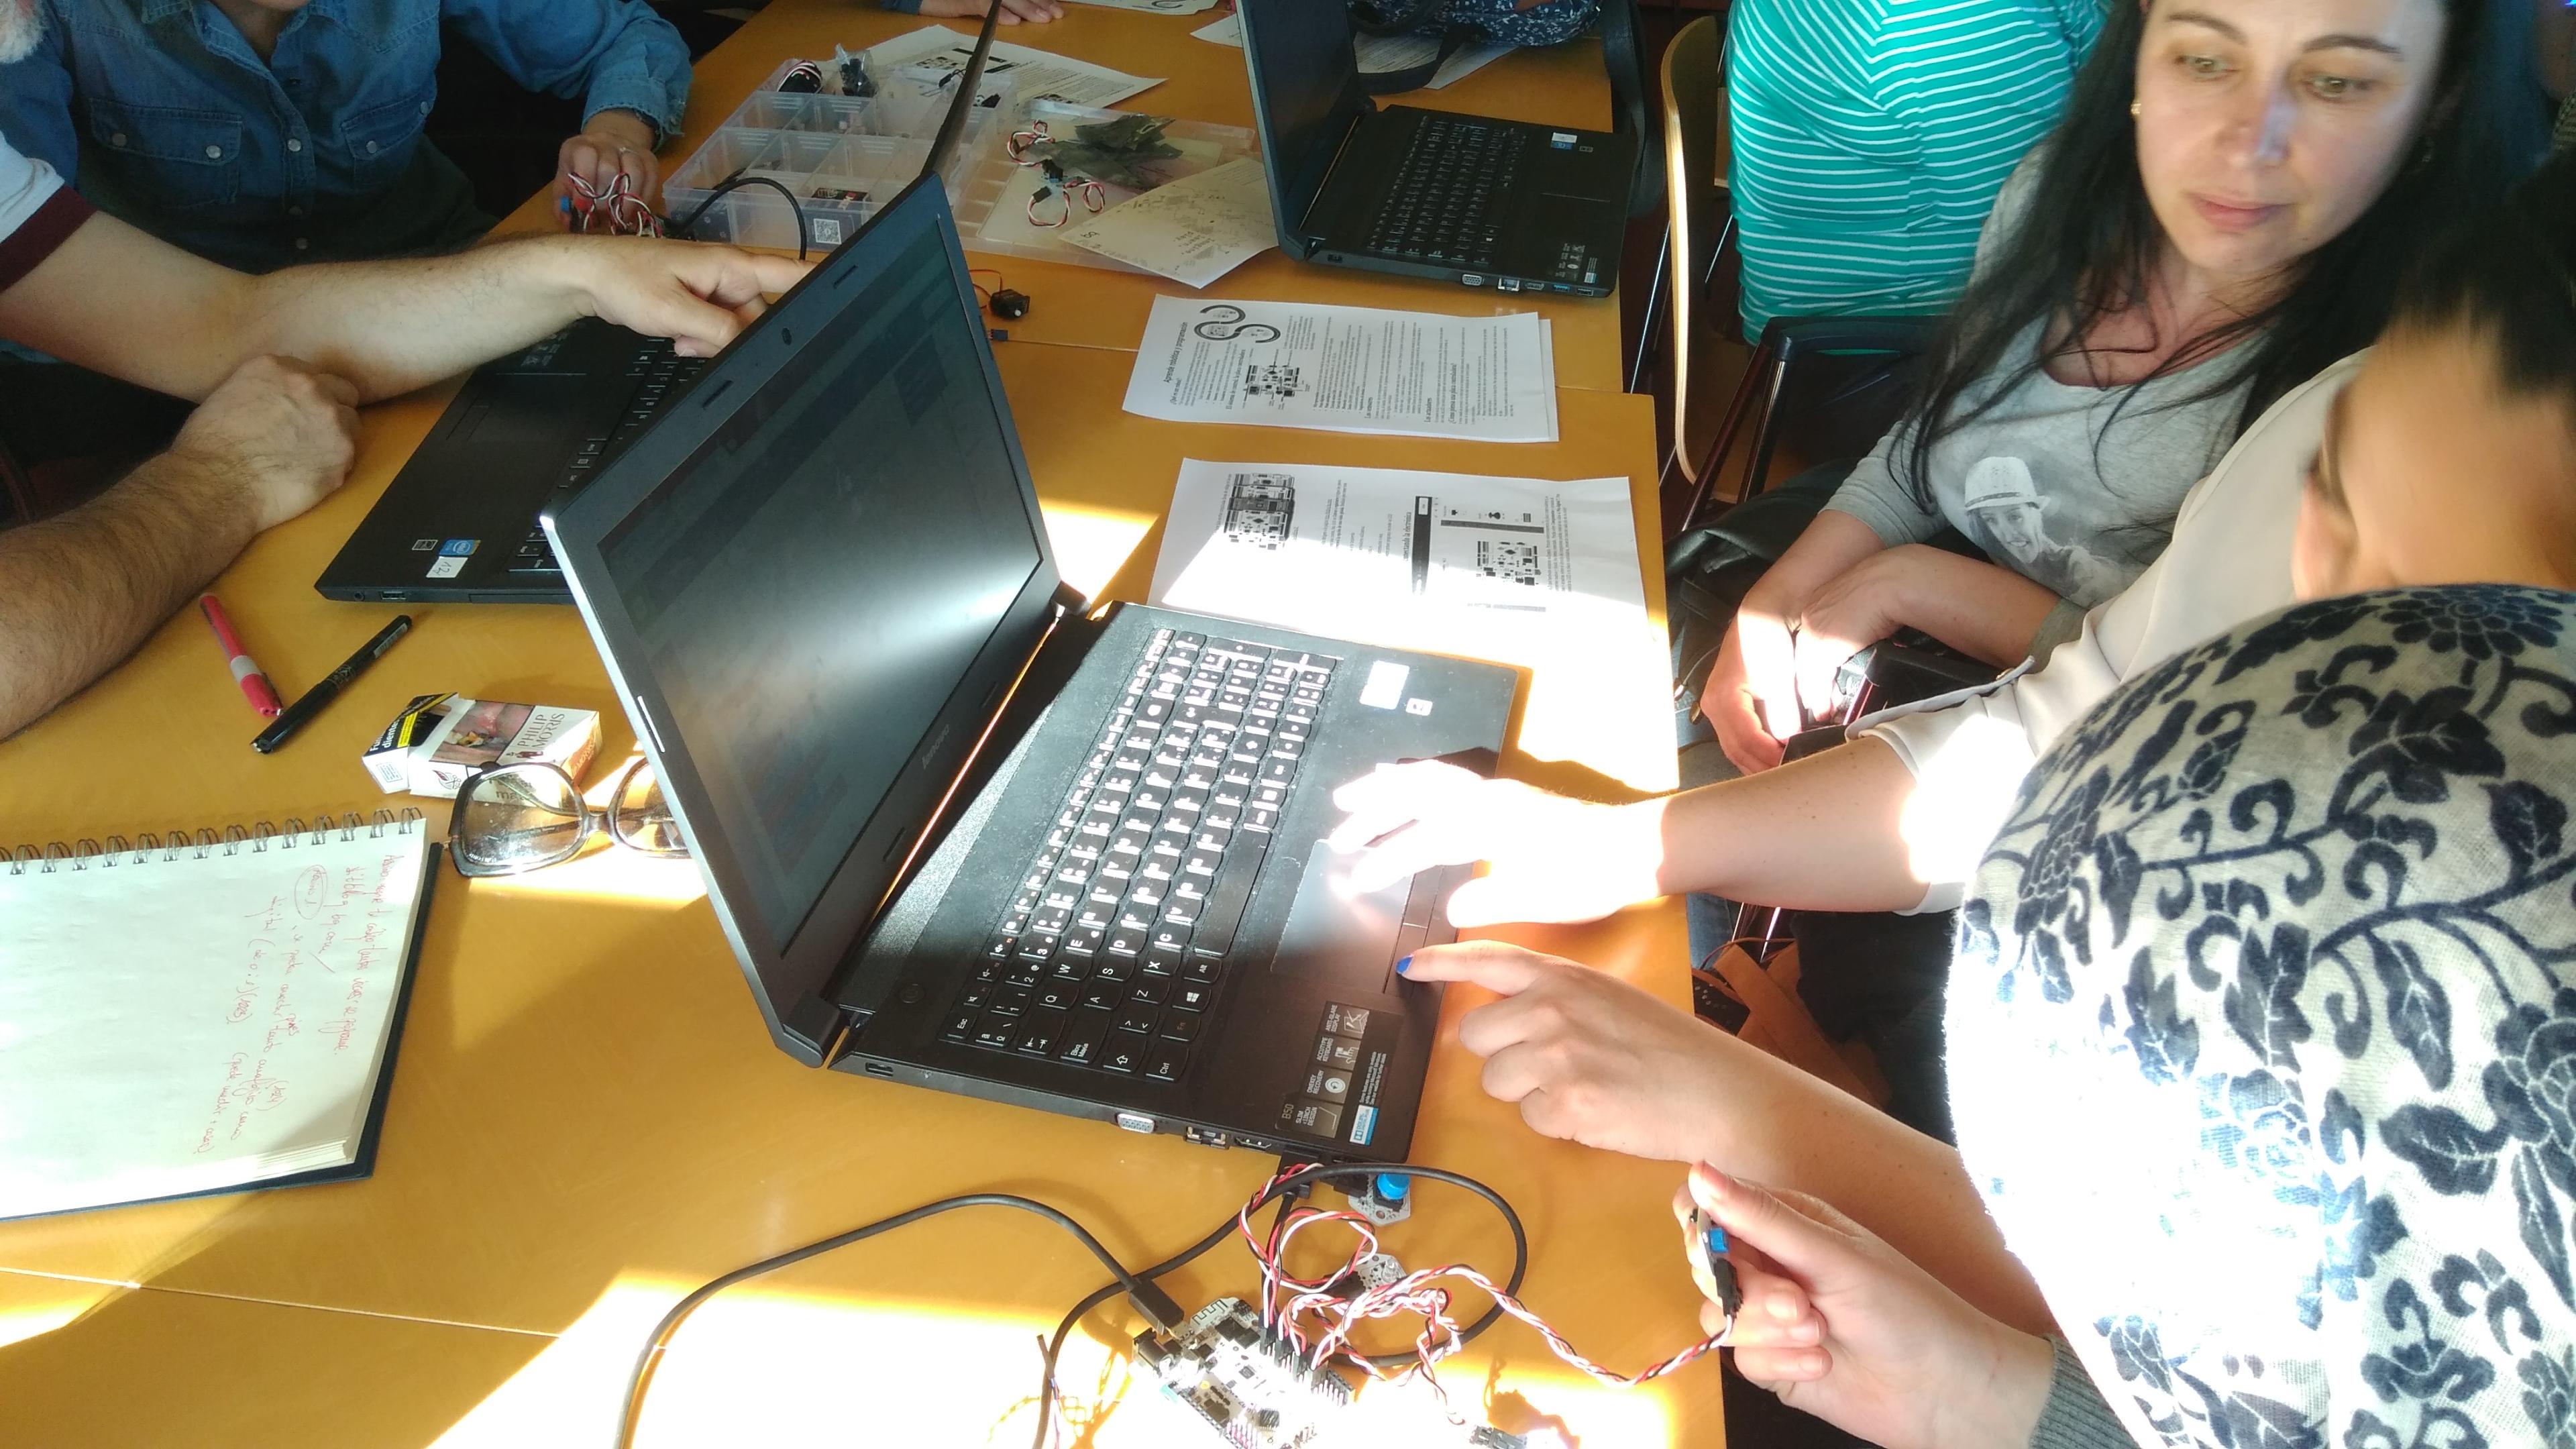 I Jornada de Programación, Robótica e Impresión 3D en educación para adultos. 04-04-2017 42